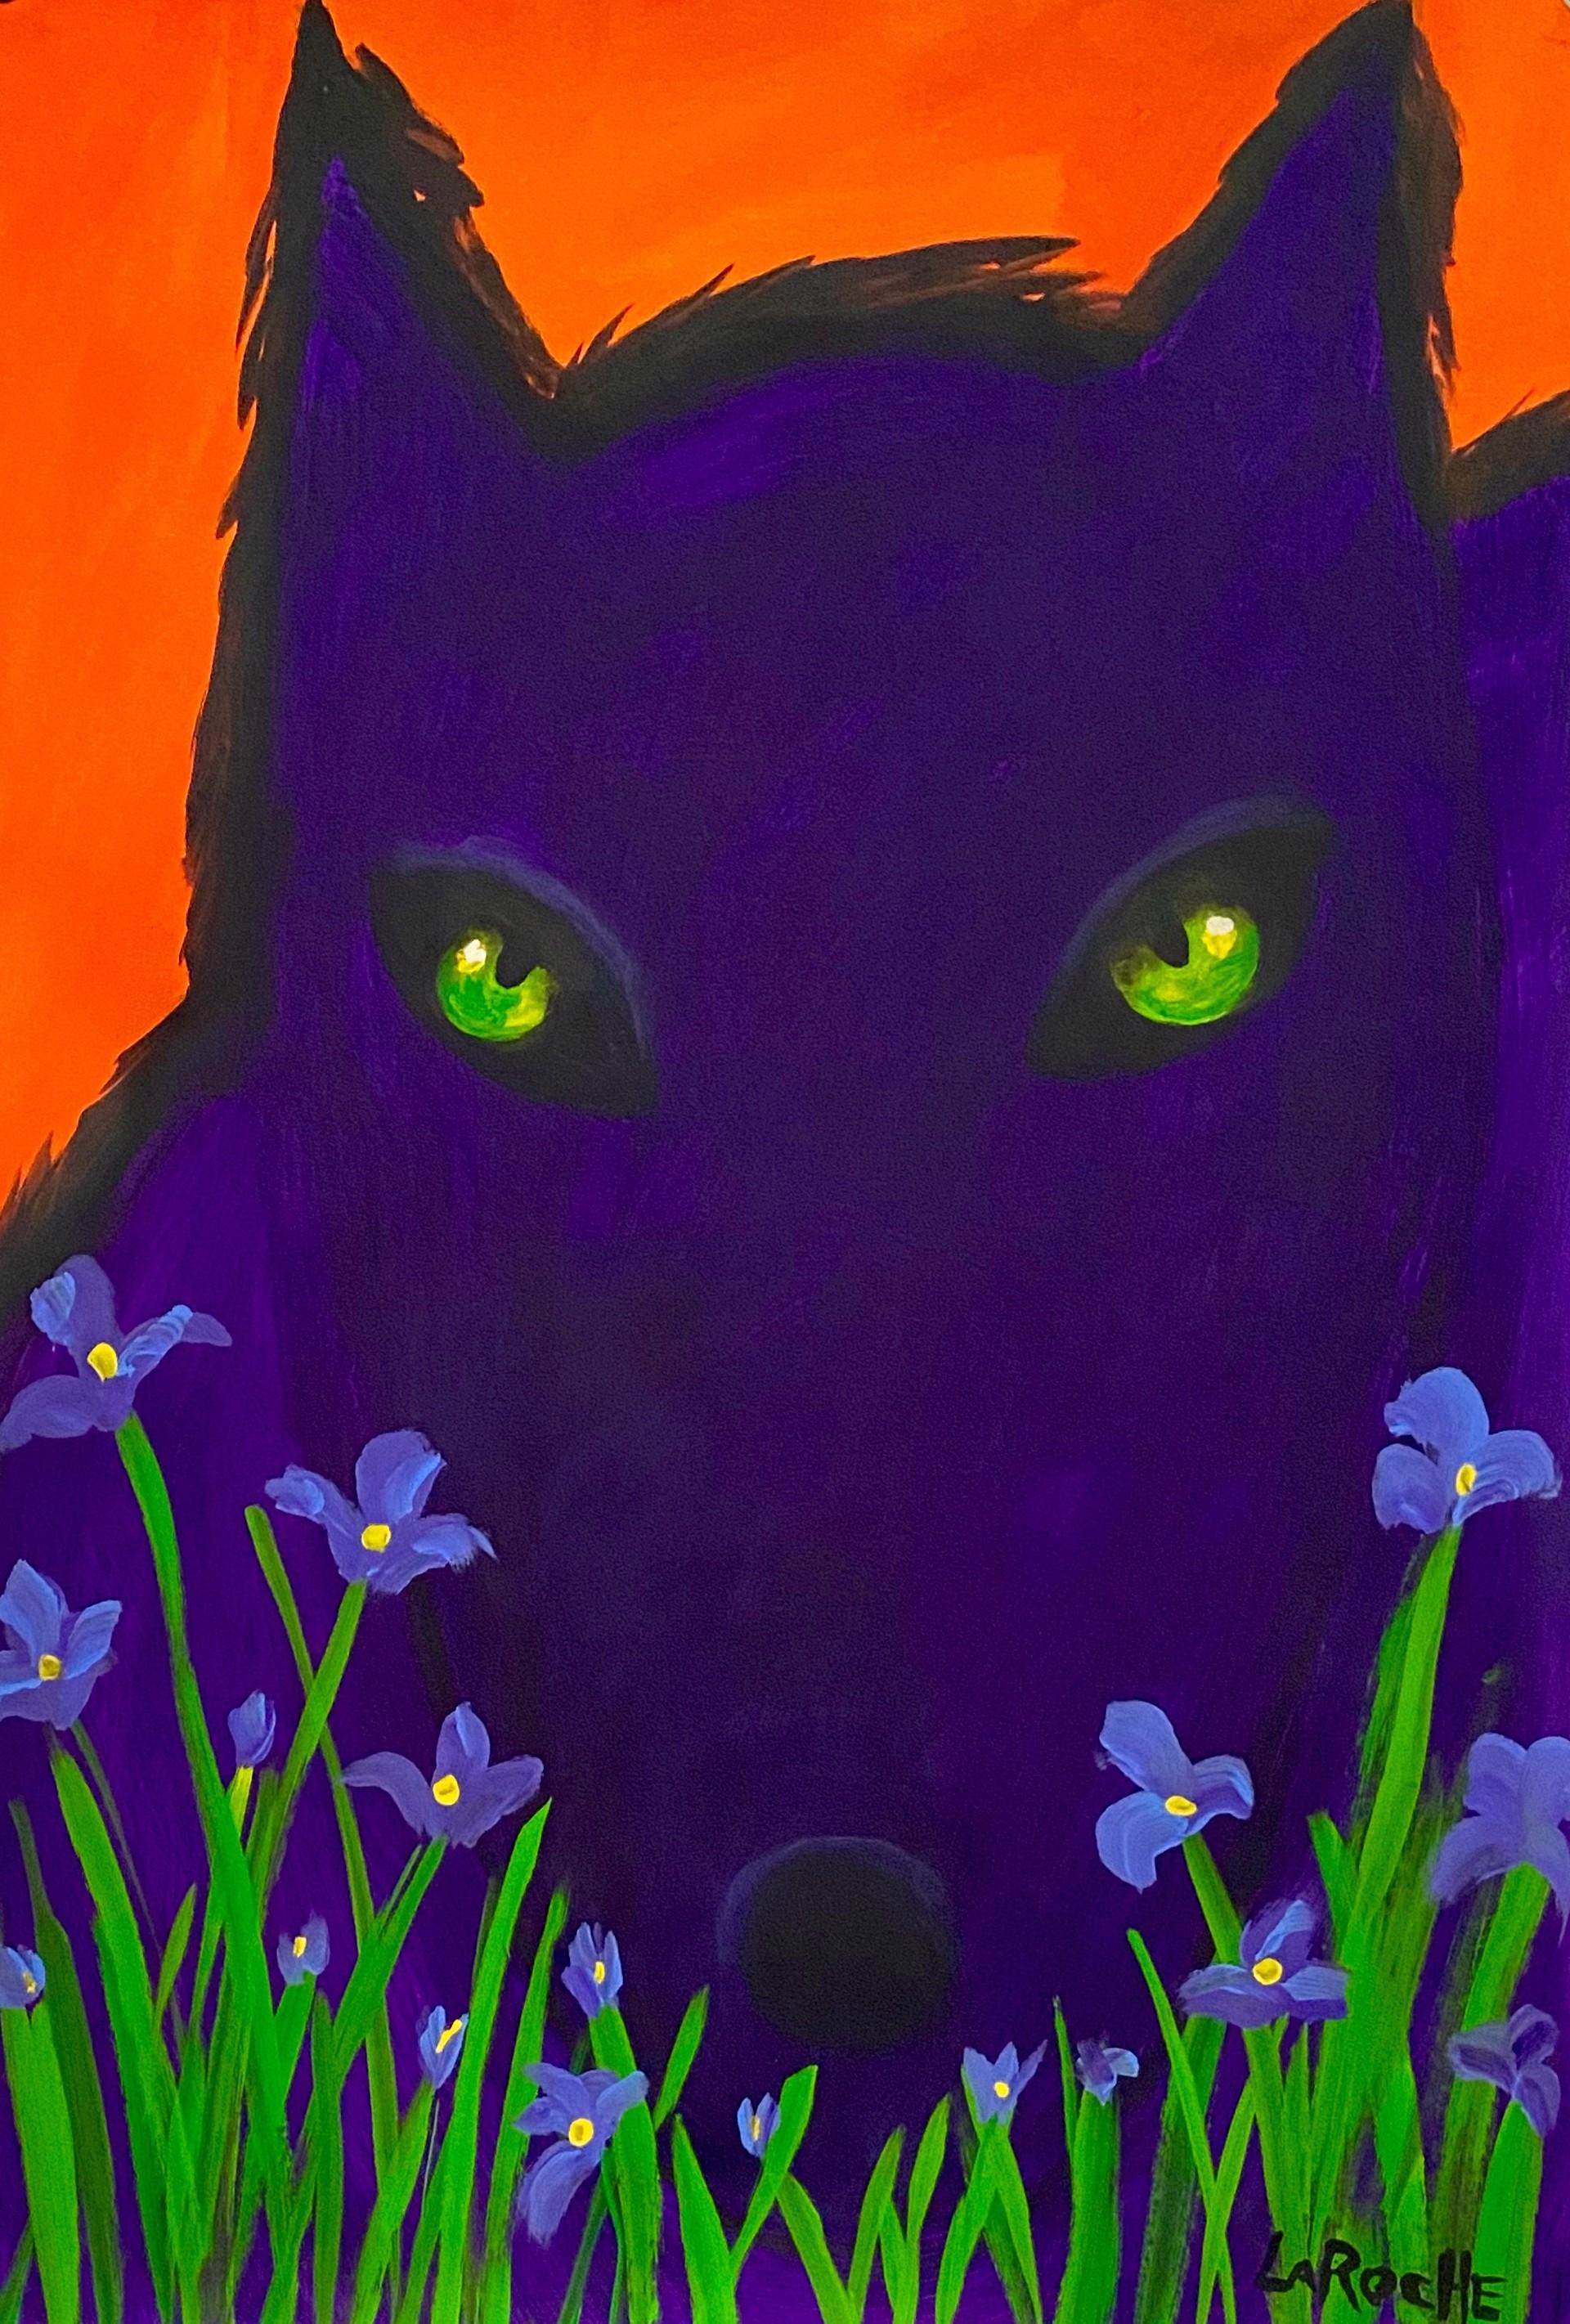 In the Garden: Regal Wolf by Carole LaRoche